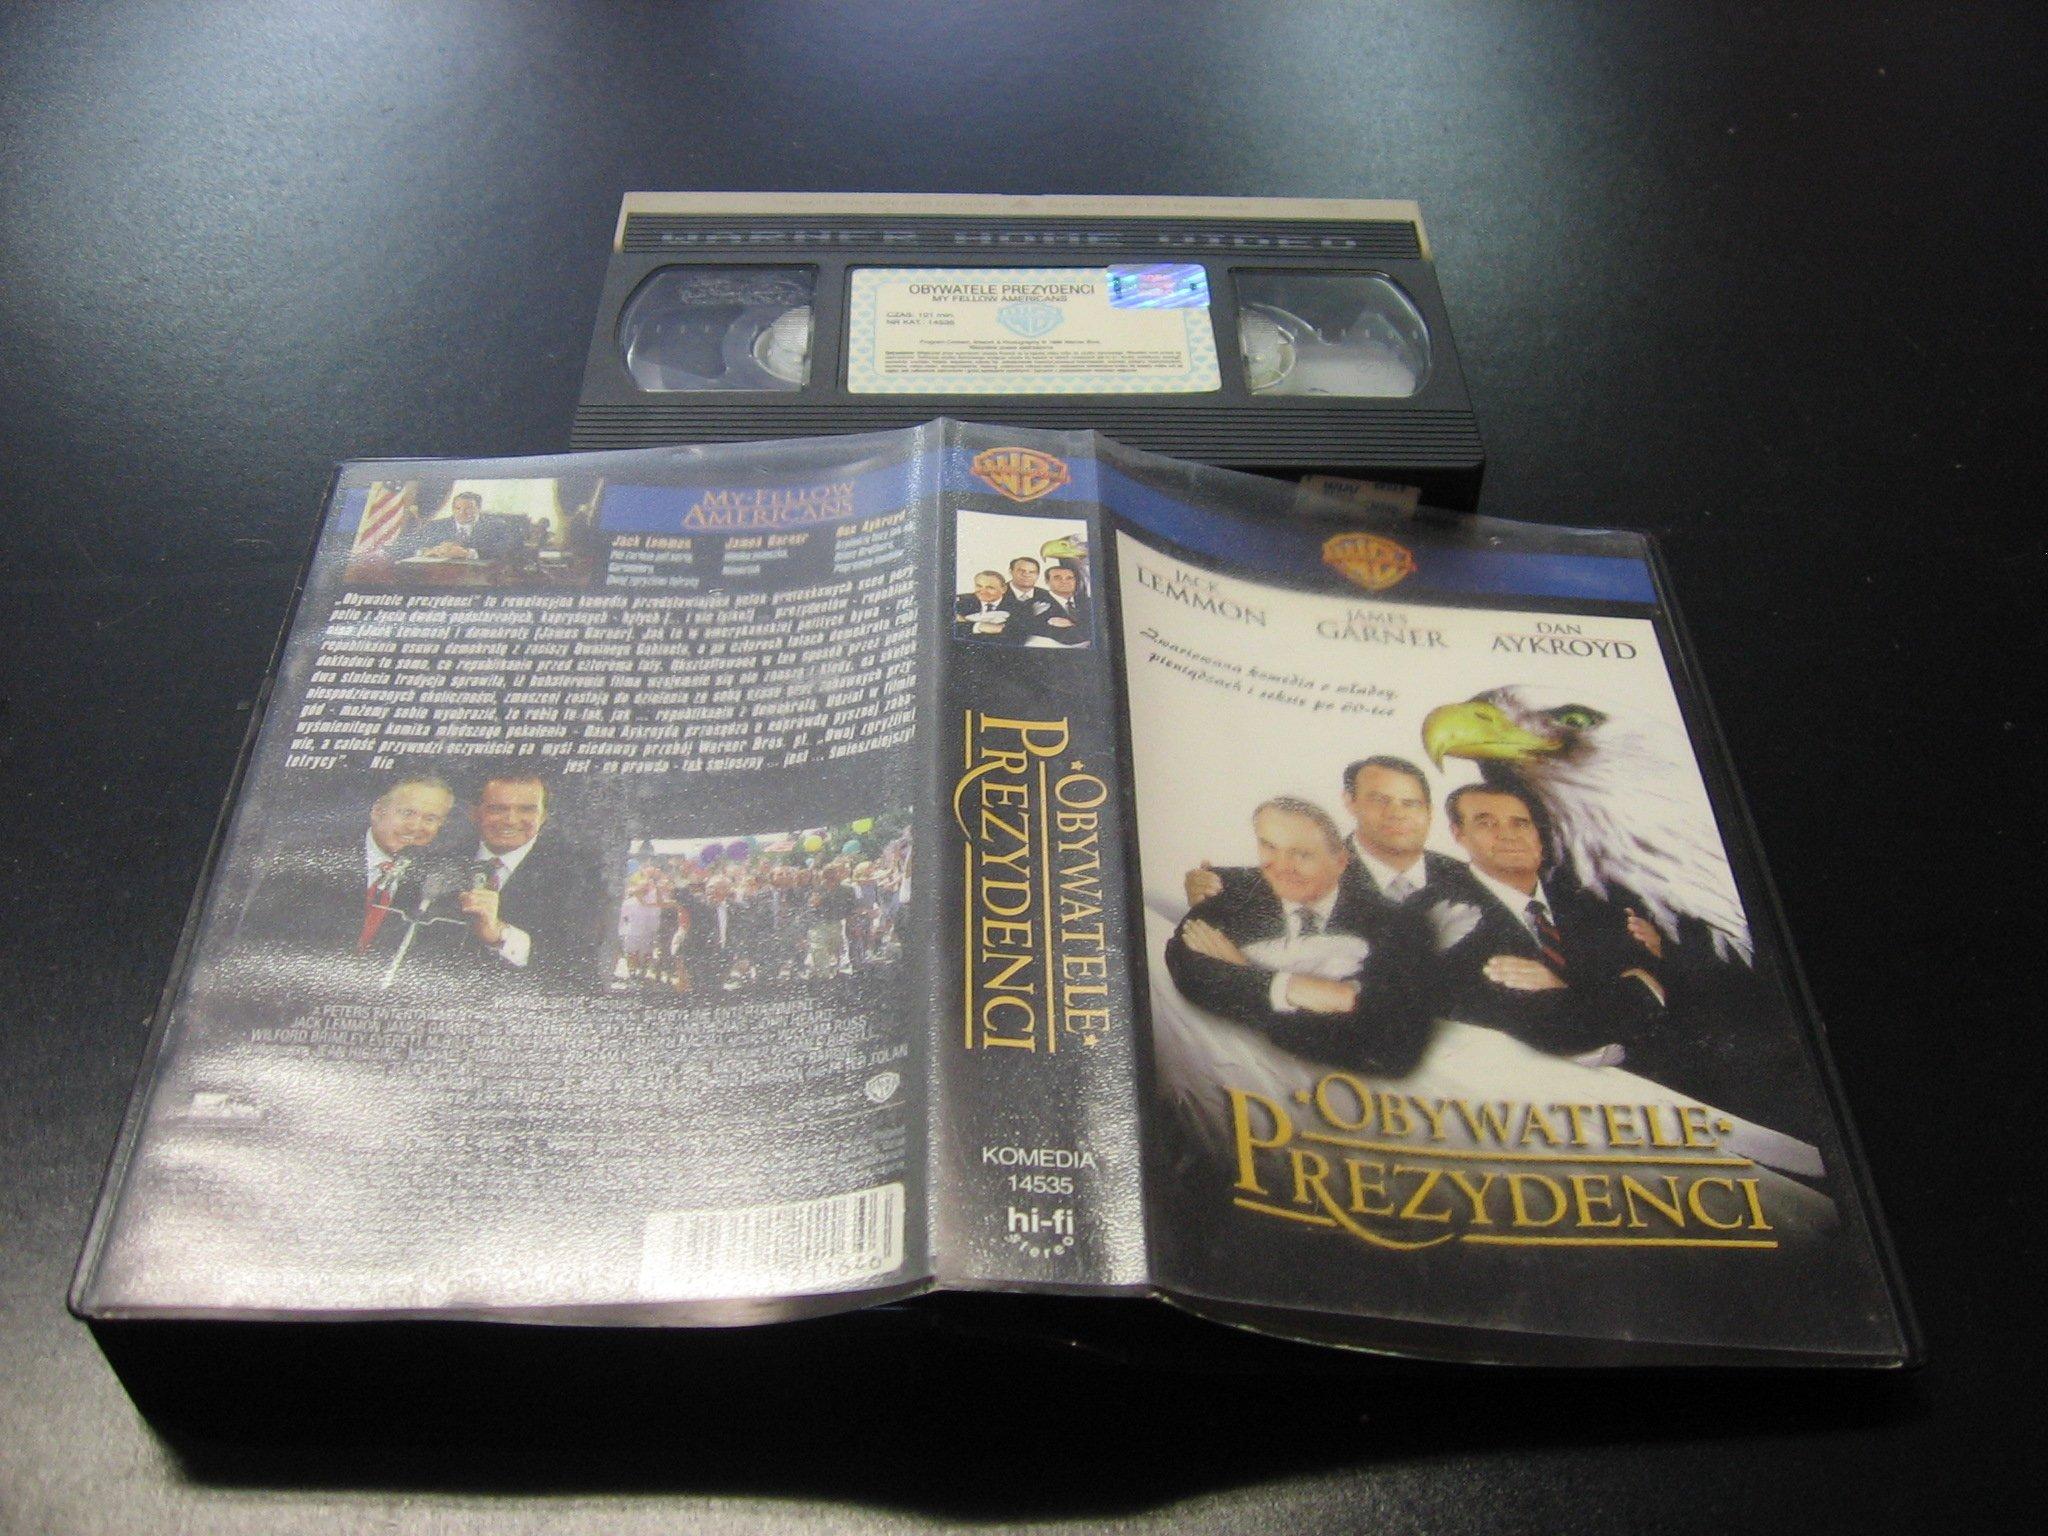 OBYWATELE PREZYDENCI ```````````` VHS ```````````` Opole 0646